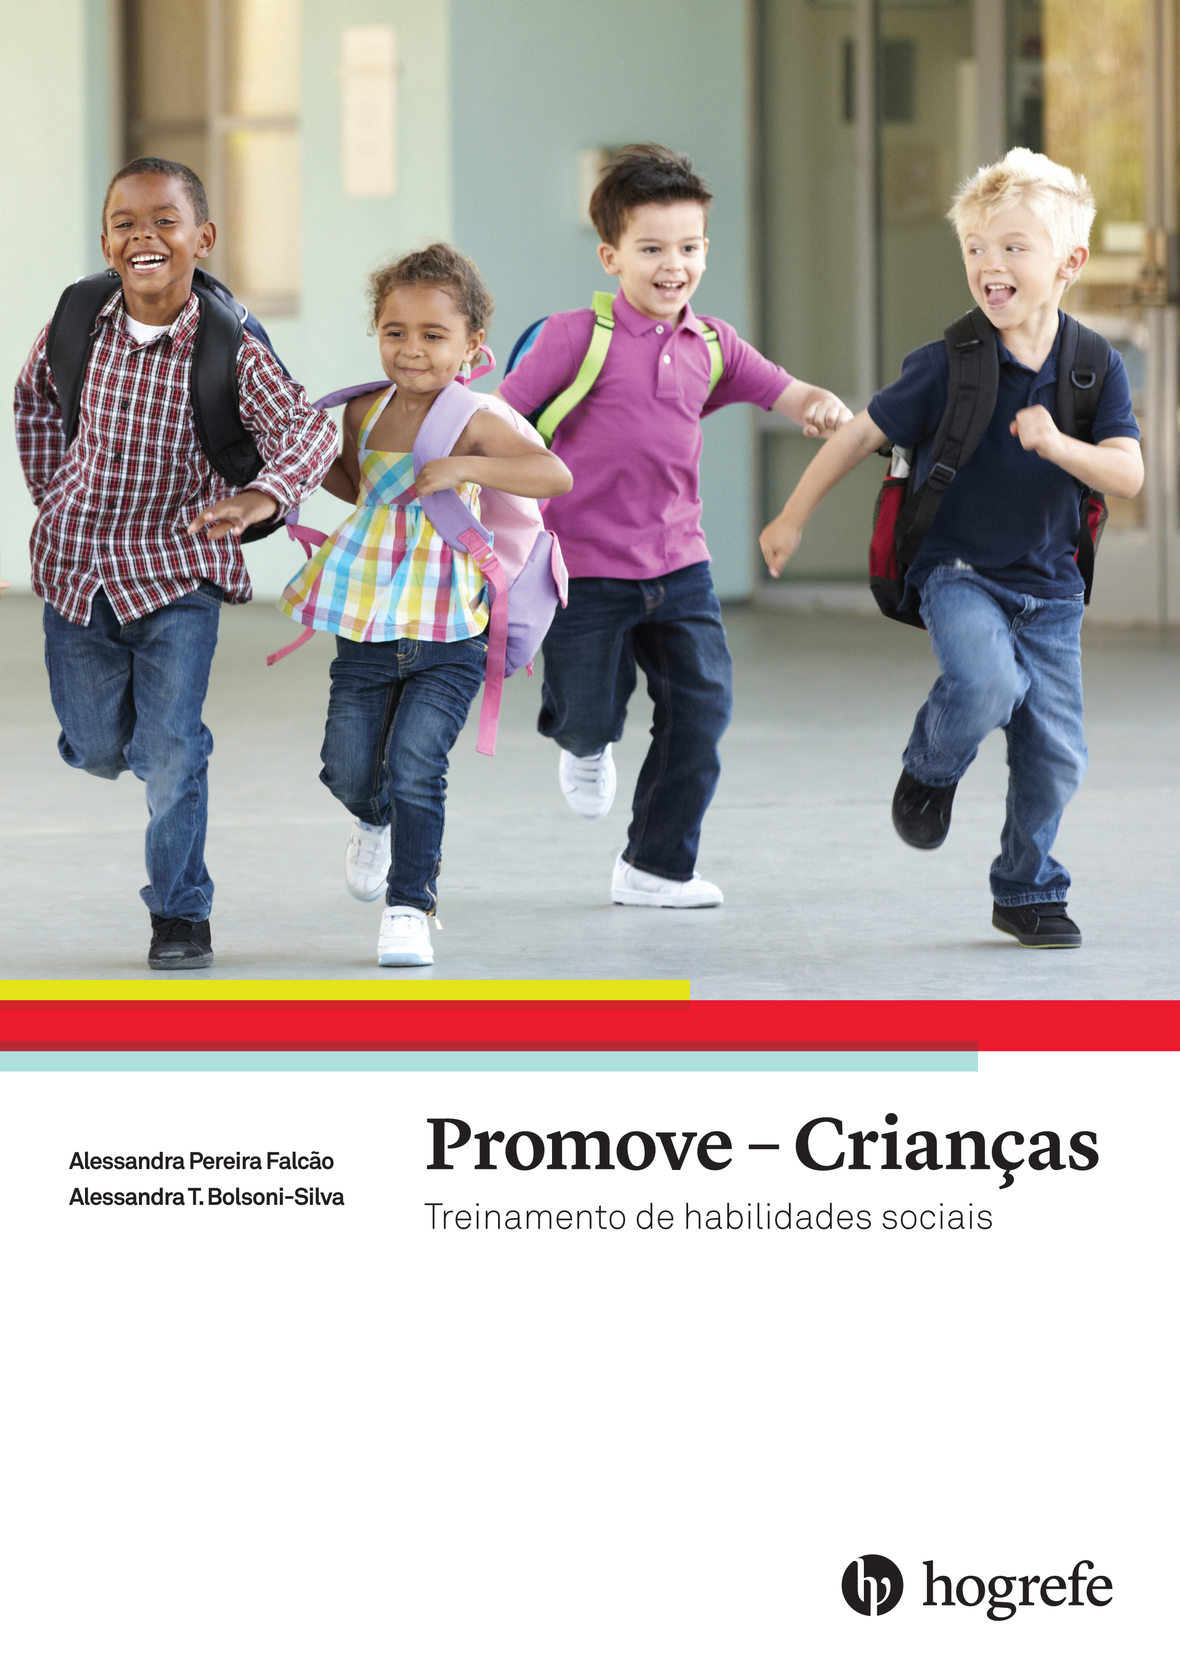 Promove - Crianças